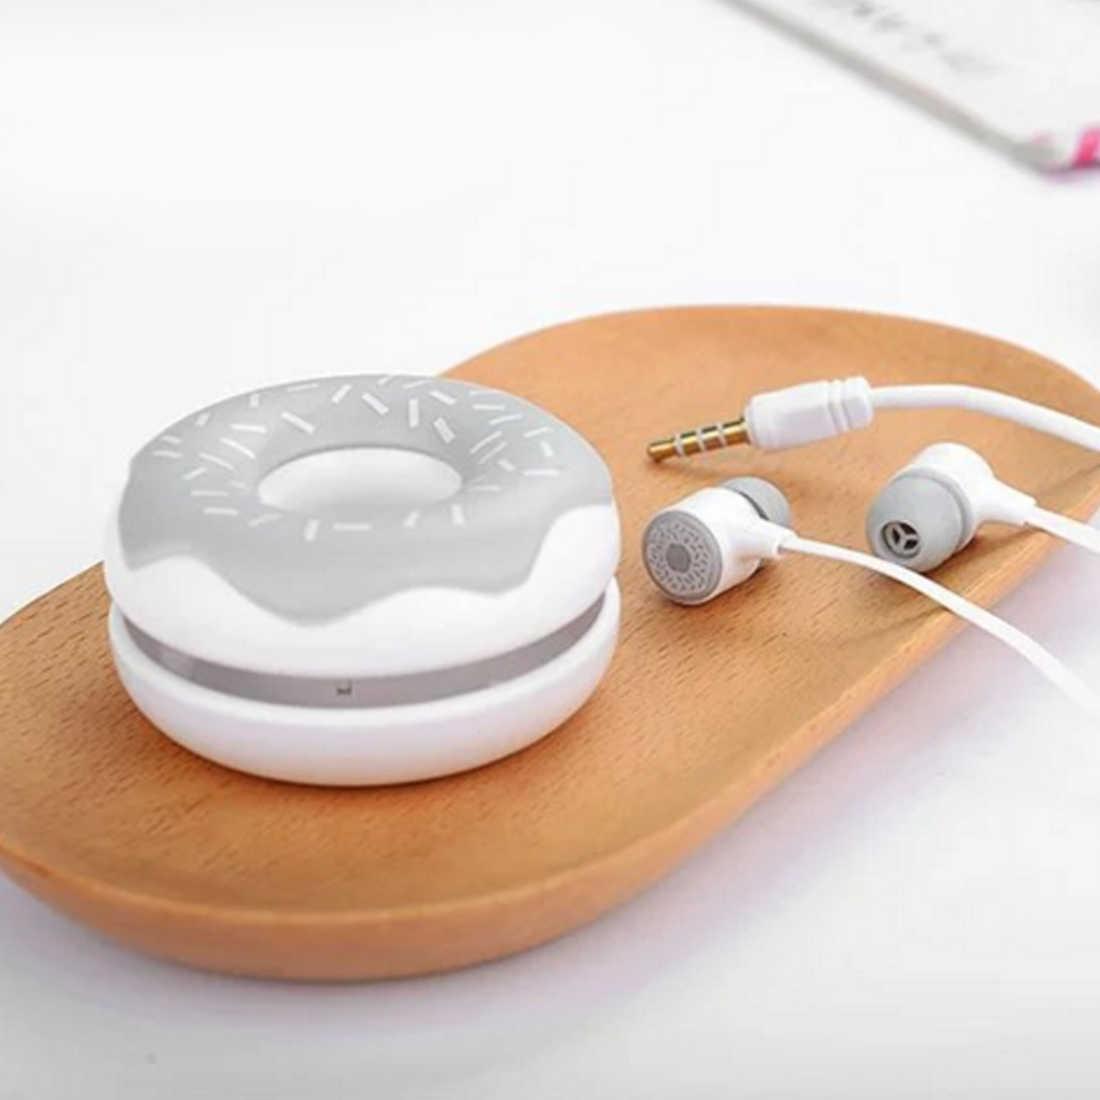 น่ารักโดนัท Macarons หูฟัง 3.5 มิลลิเมตรหูฟังสเตอริโอหูฟังพร้อมหูฟัง mic สำหรับ iPhone Xiaomi Girls สำหรับ MP3 ของขวัญ